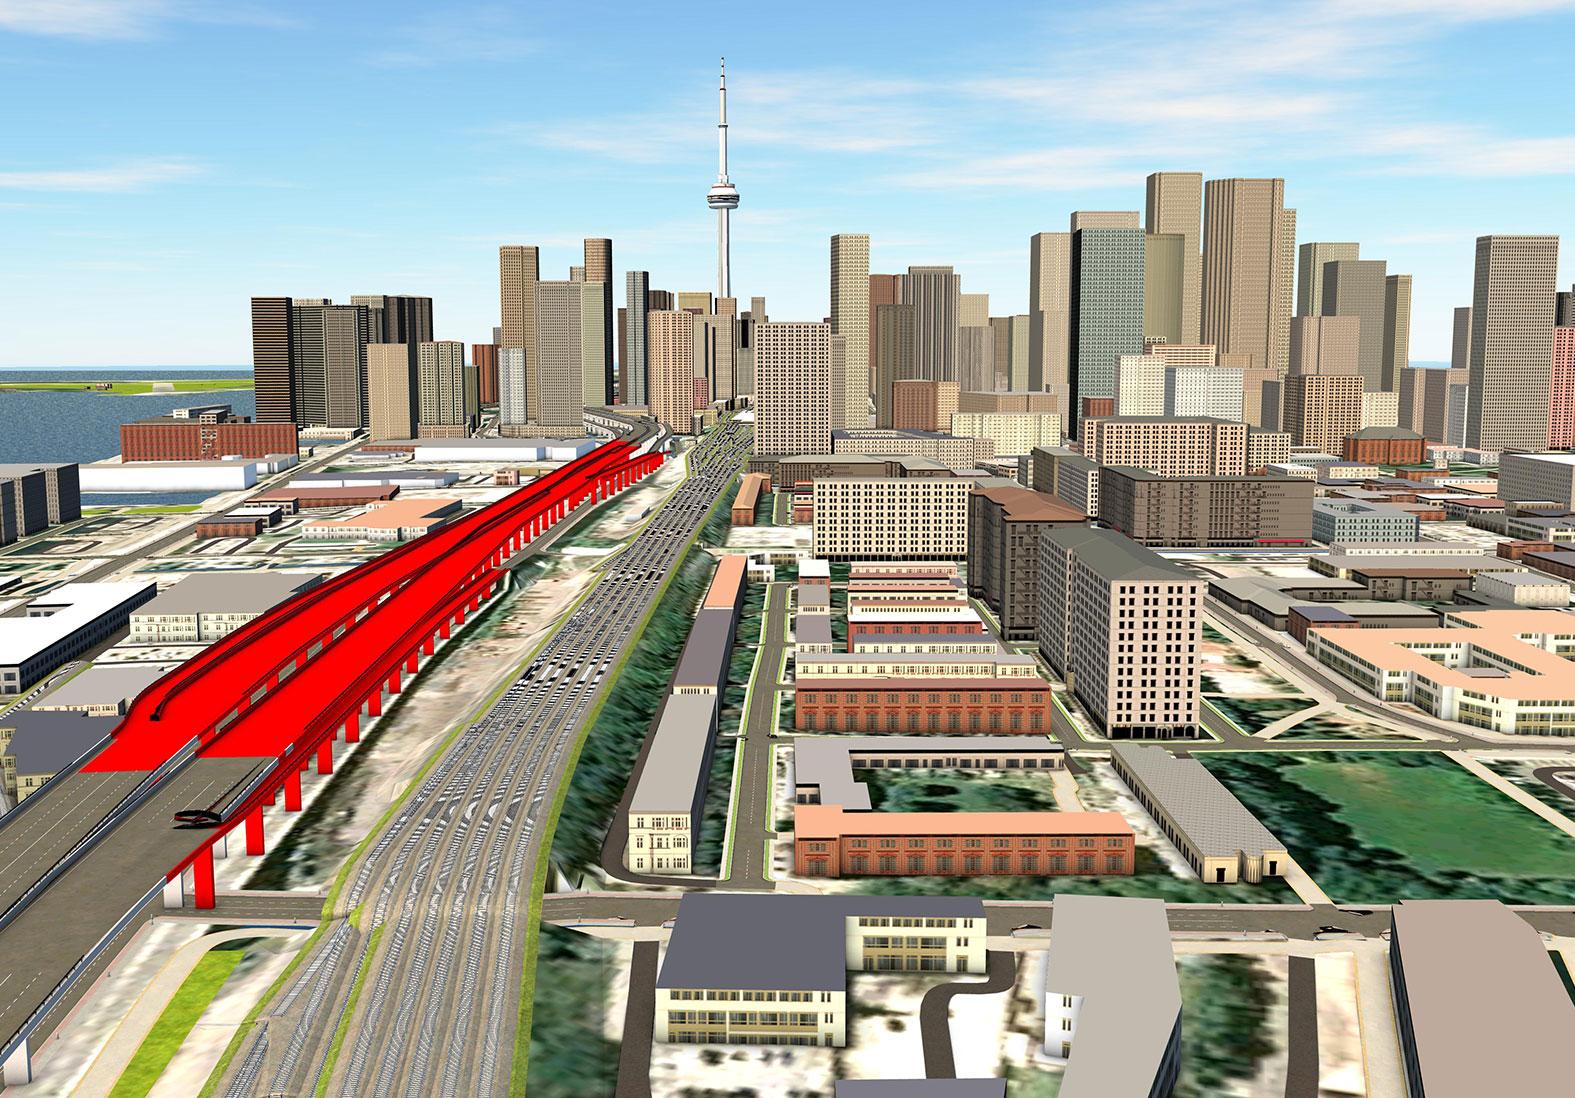 Gardiner Expressway Rendering